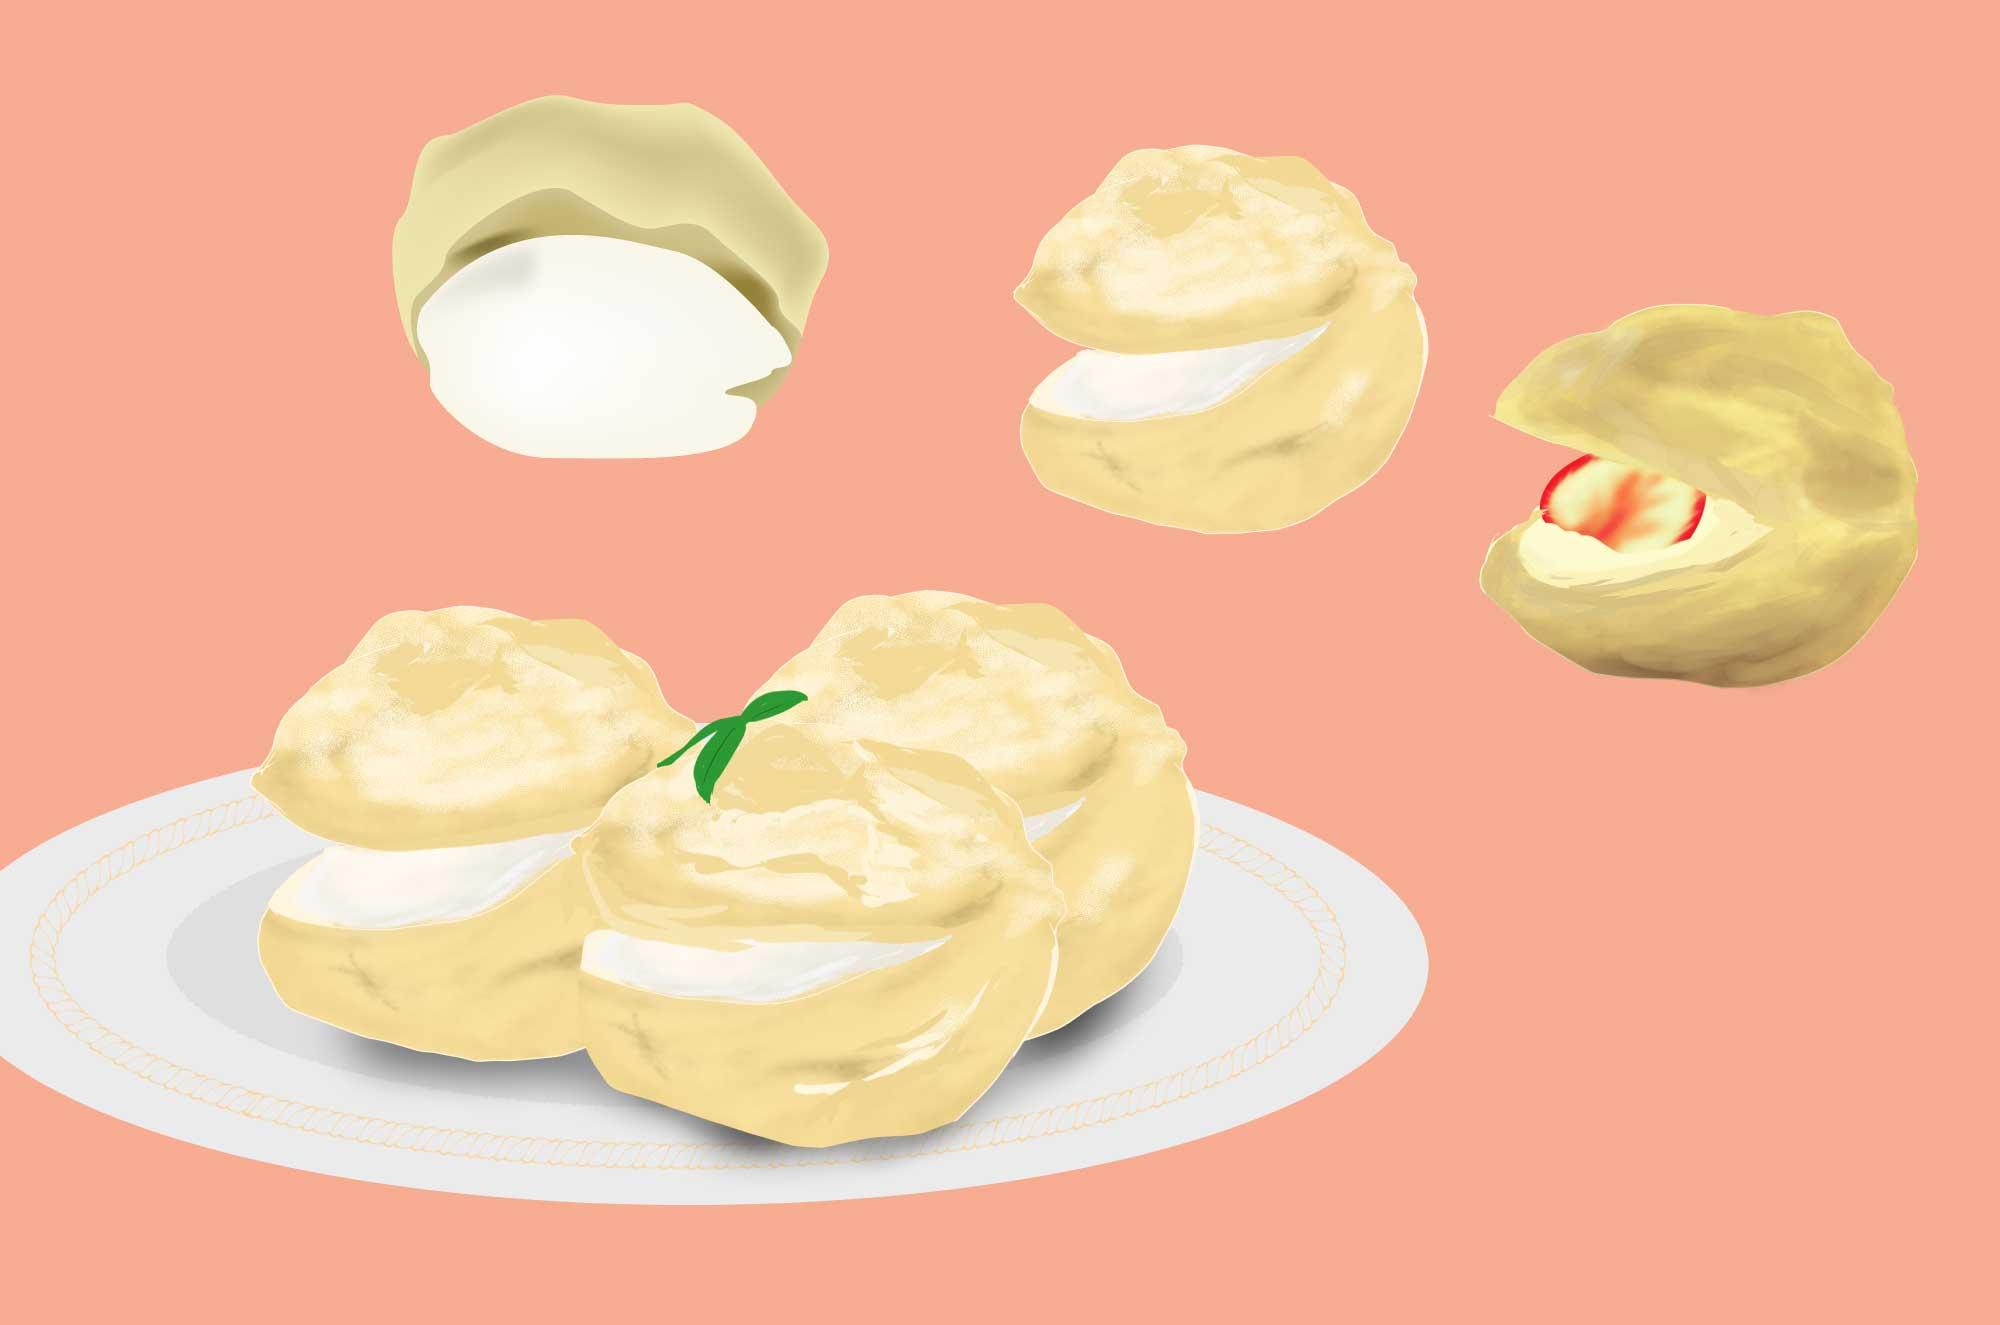 シュークリームのイラスト - 可愛いお菓子の素材